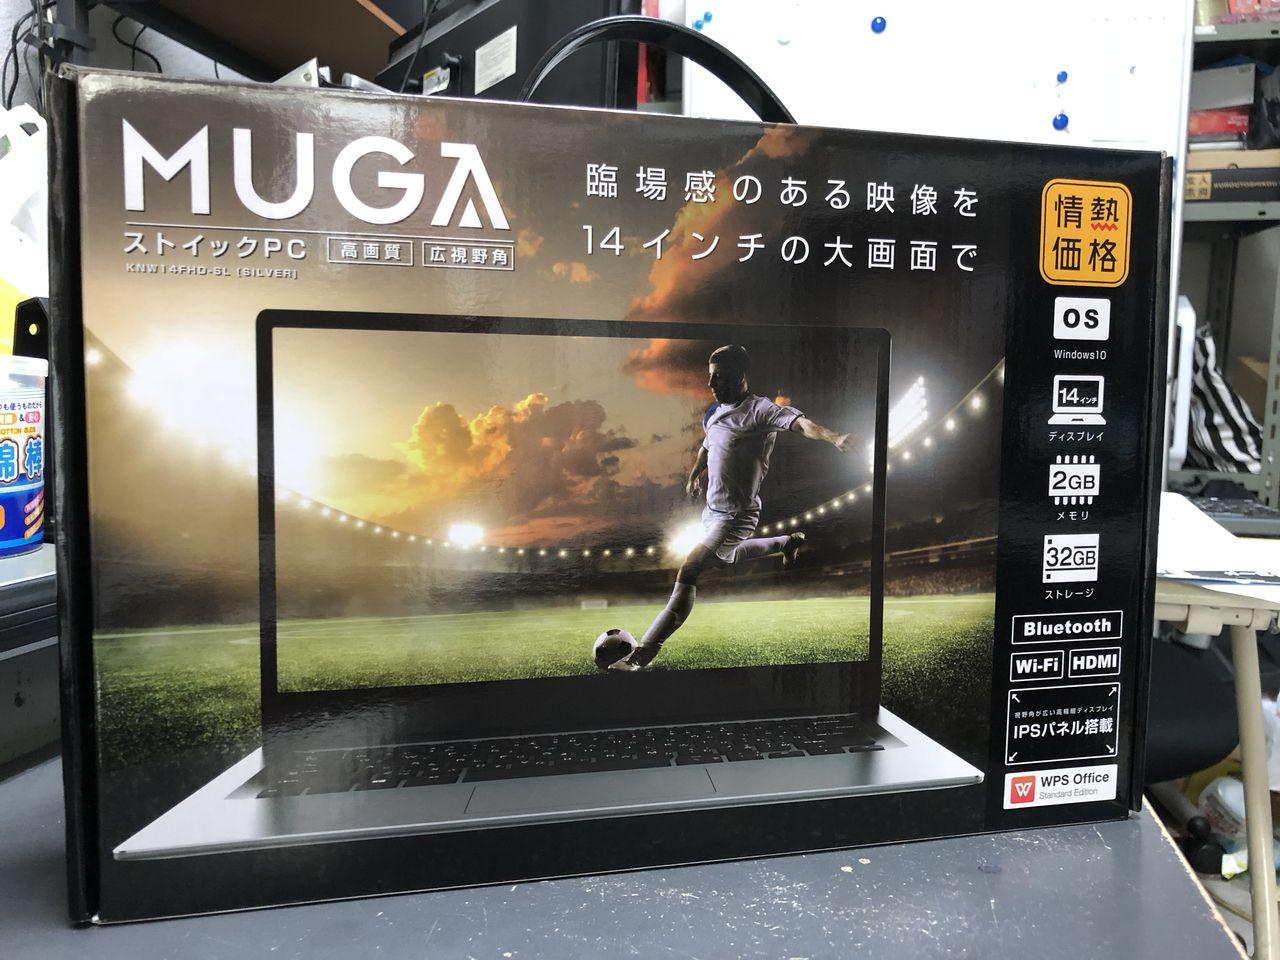 MUGA ドン・キホーテPC 何処まで使える : PC_LUCK (ピーシーラック)